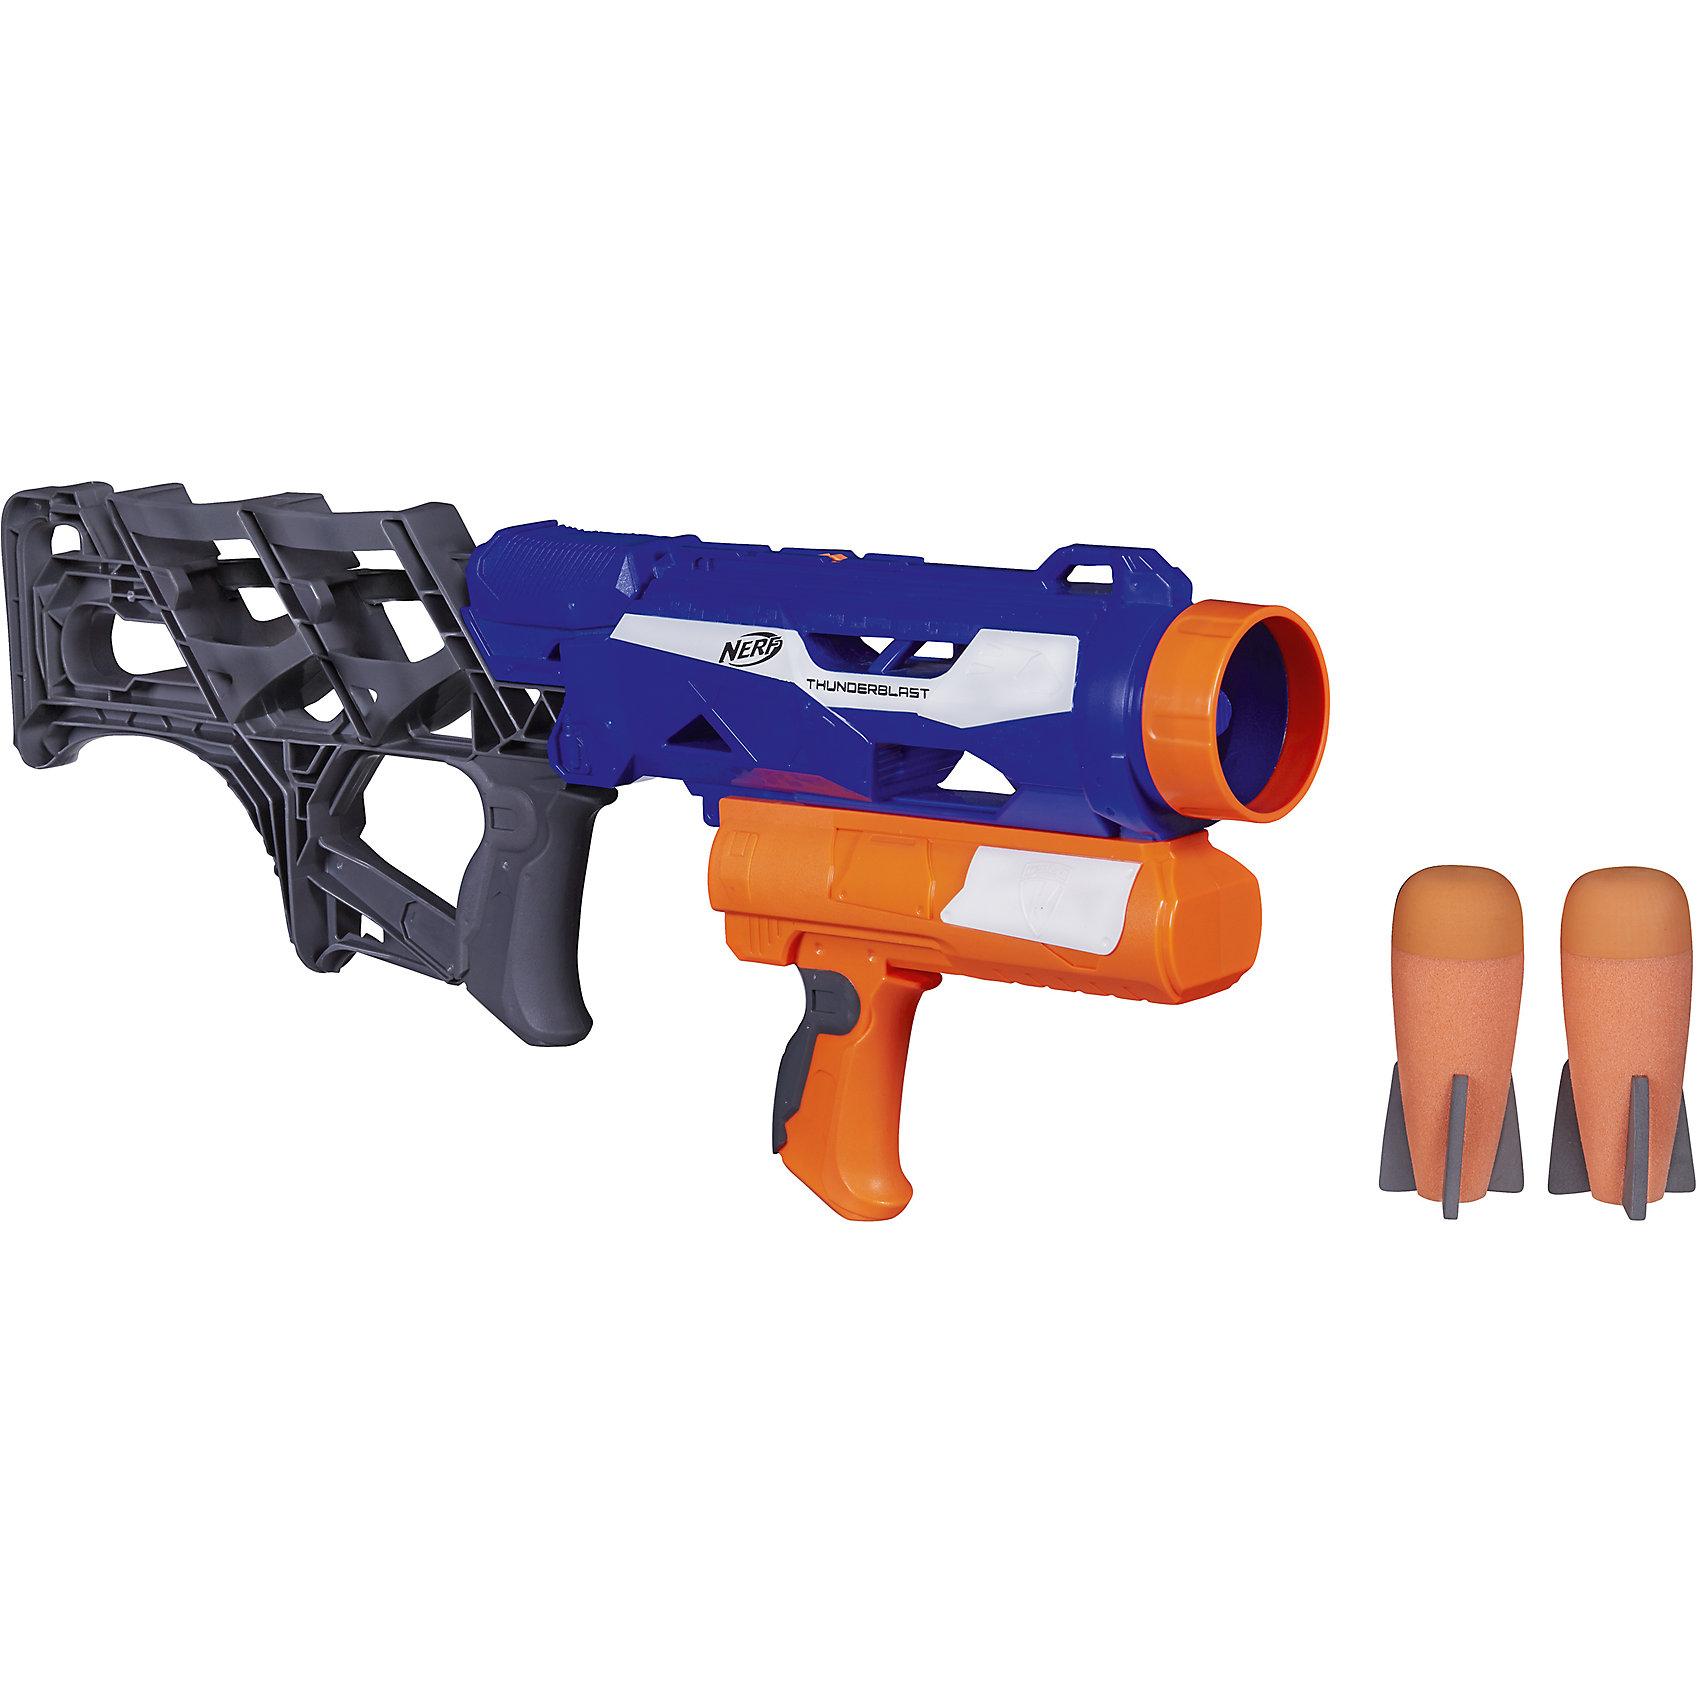 Ракетница Элит, NERFС этим супер-бластером ваш ребенок выйдет победителем из любого боя! Ракетница поражает цель на расстоянии свыше 18 метров, имеет удобный корпус эргономичной формы, оружие достаточно легкое, его удобно держать в руках. Бластер выполнен из высококачественных прочных материалов, прекрасный вариант для любой битвы!<br><br>Дополнительная информация:<br><br>- Материал: пластик, металл.<br>- Размер упаковки: 8 х 62,4 х 31,7 см. <br>- Комплектация: бластер, 2 снаряда.<br>- Дальность стрельбы: 18 м.<br><br>Ракетницу Элит, NERF, можно купить в нашем магазине.<br><br>Ширина мм: 81<br>Глубина мм: 625<br>Высота мм: 318<br>Вес г: 2270<br>Возраст от месяцев: 96<br>Возраст до месяцев: 168<br>Пол: Мужской<br>Возраст: Детский<br>SKU: 4230128